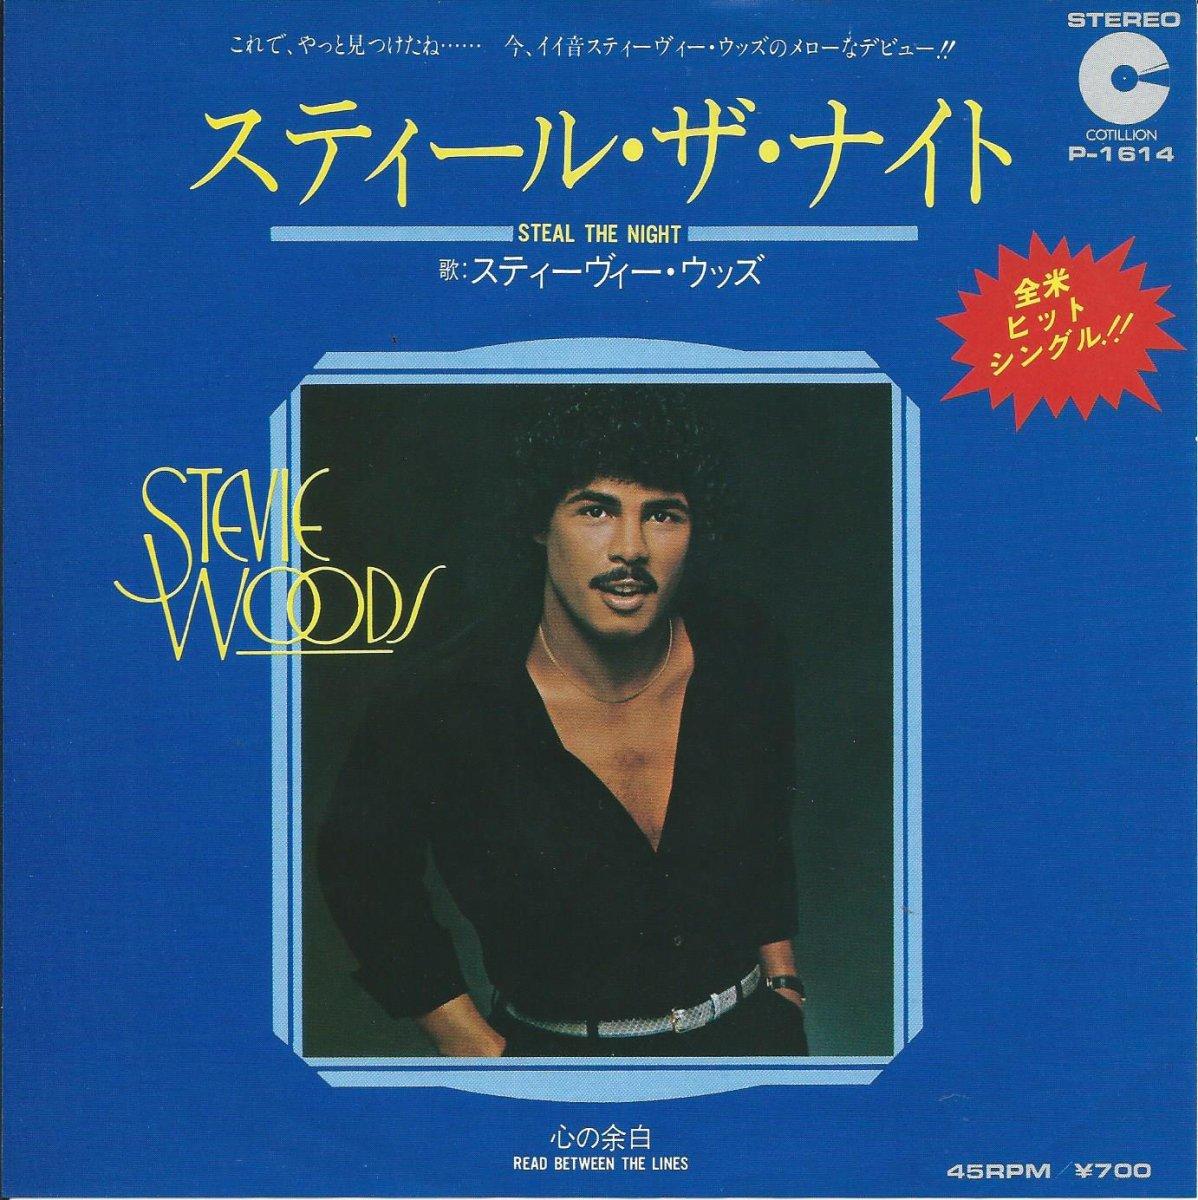 スティーヴィー・ウッズ STEVIE WOODS / スティール・ザ・ナイト STEAL THE NIGHT (7